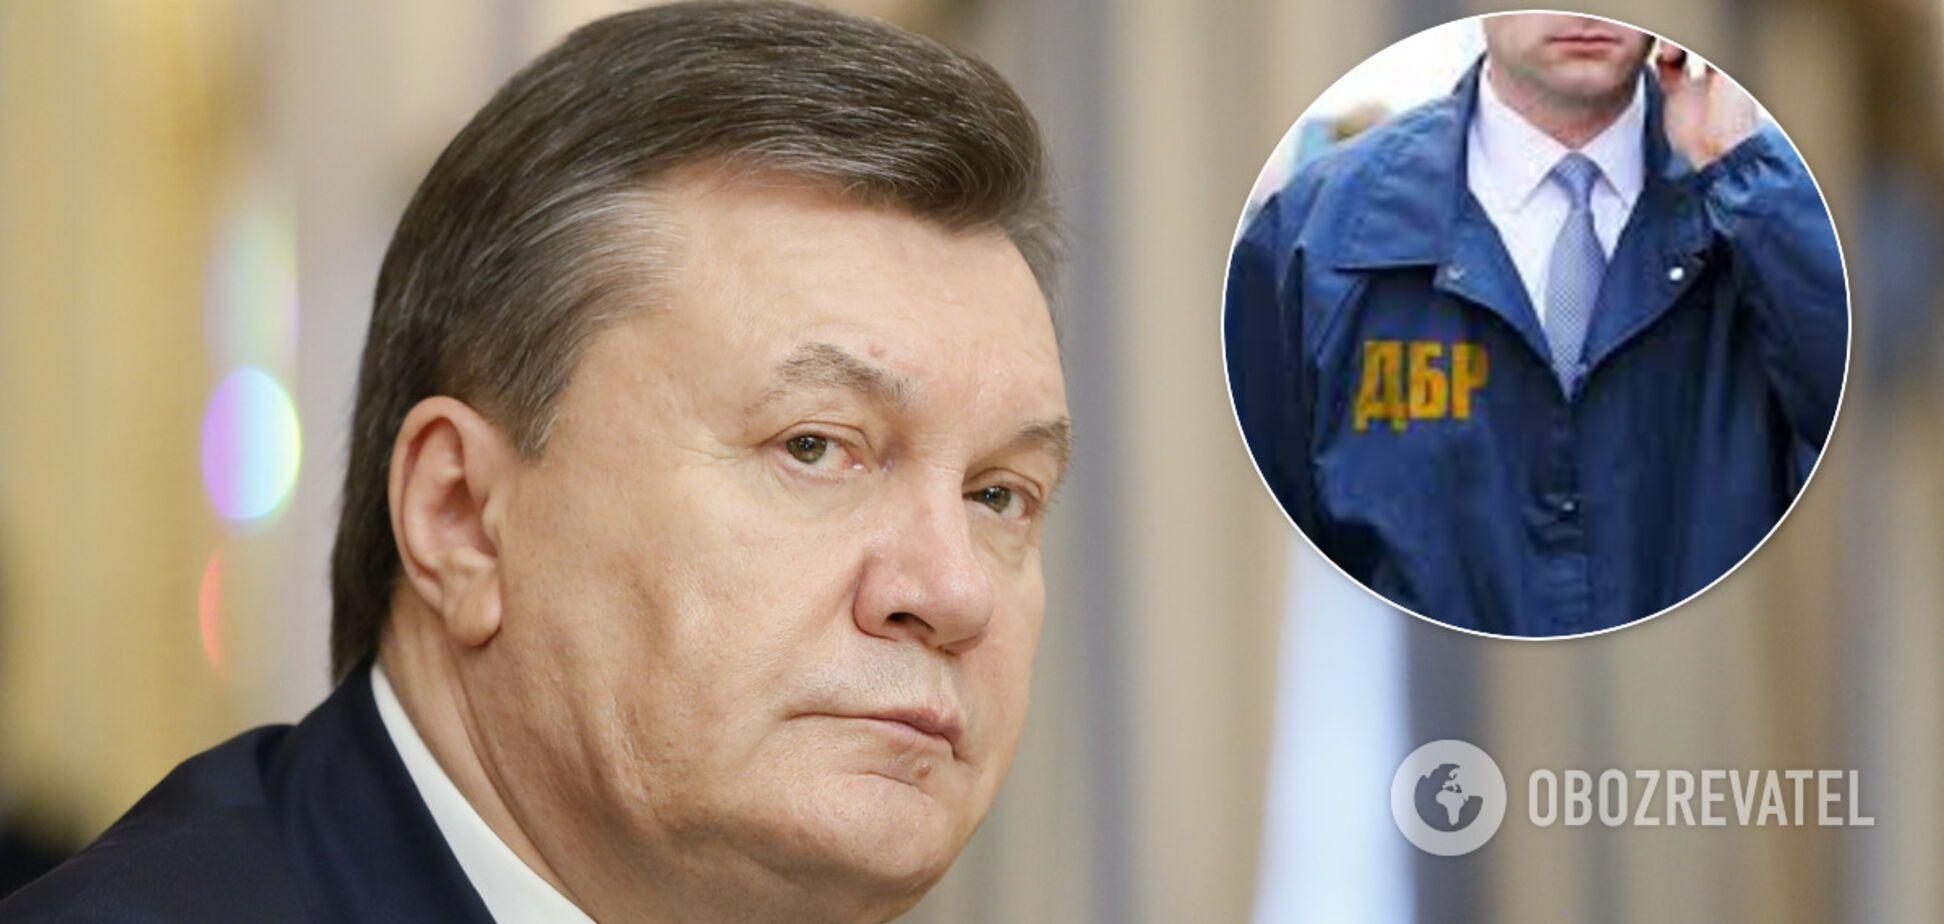 Адвокати Януковича назвали брехнею інформацію про підозру їхньому клієнту